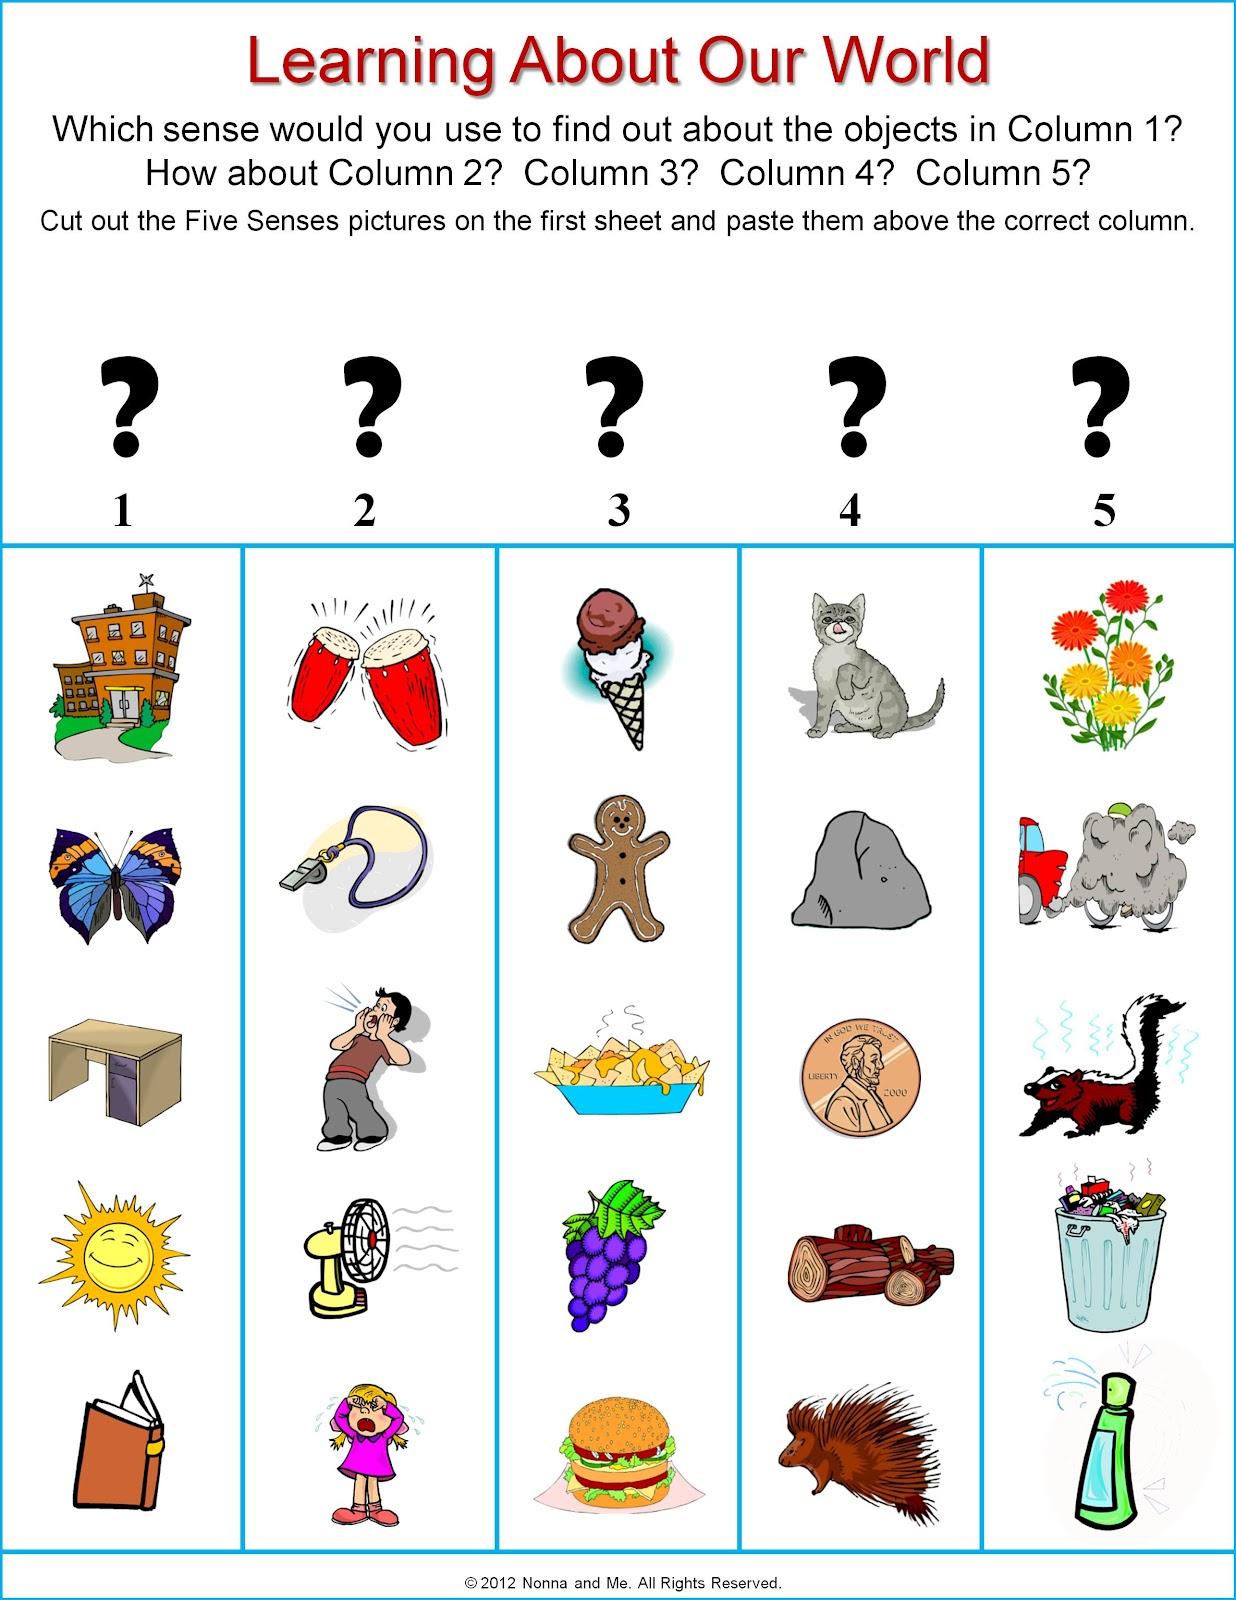 5 Senses Clipart Sense Organ 5 Senses Sense Organ